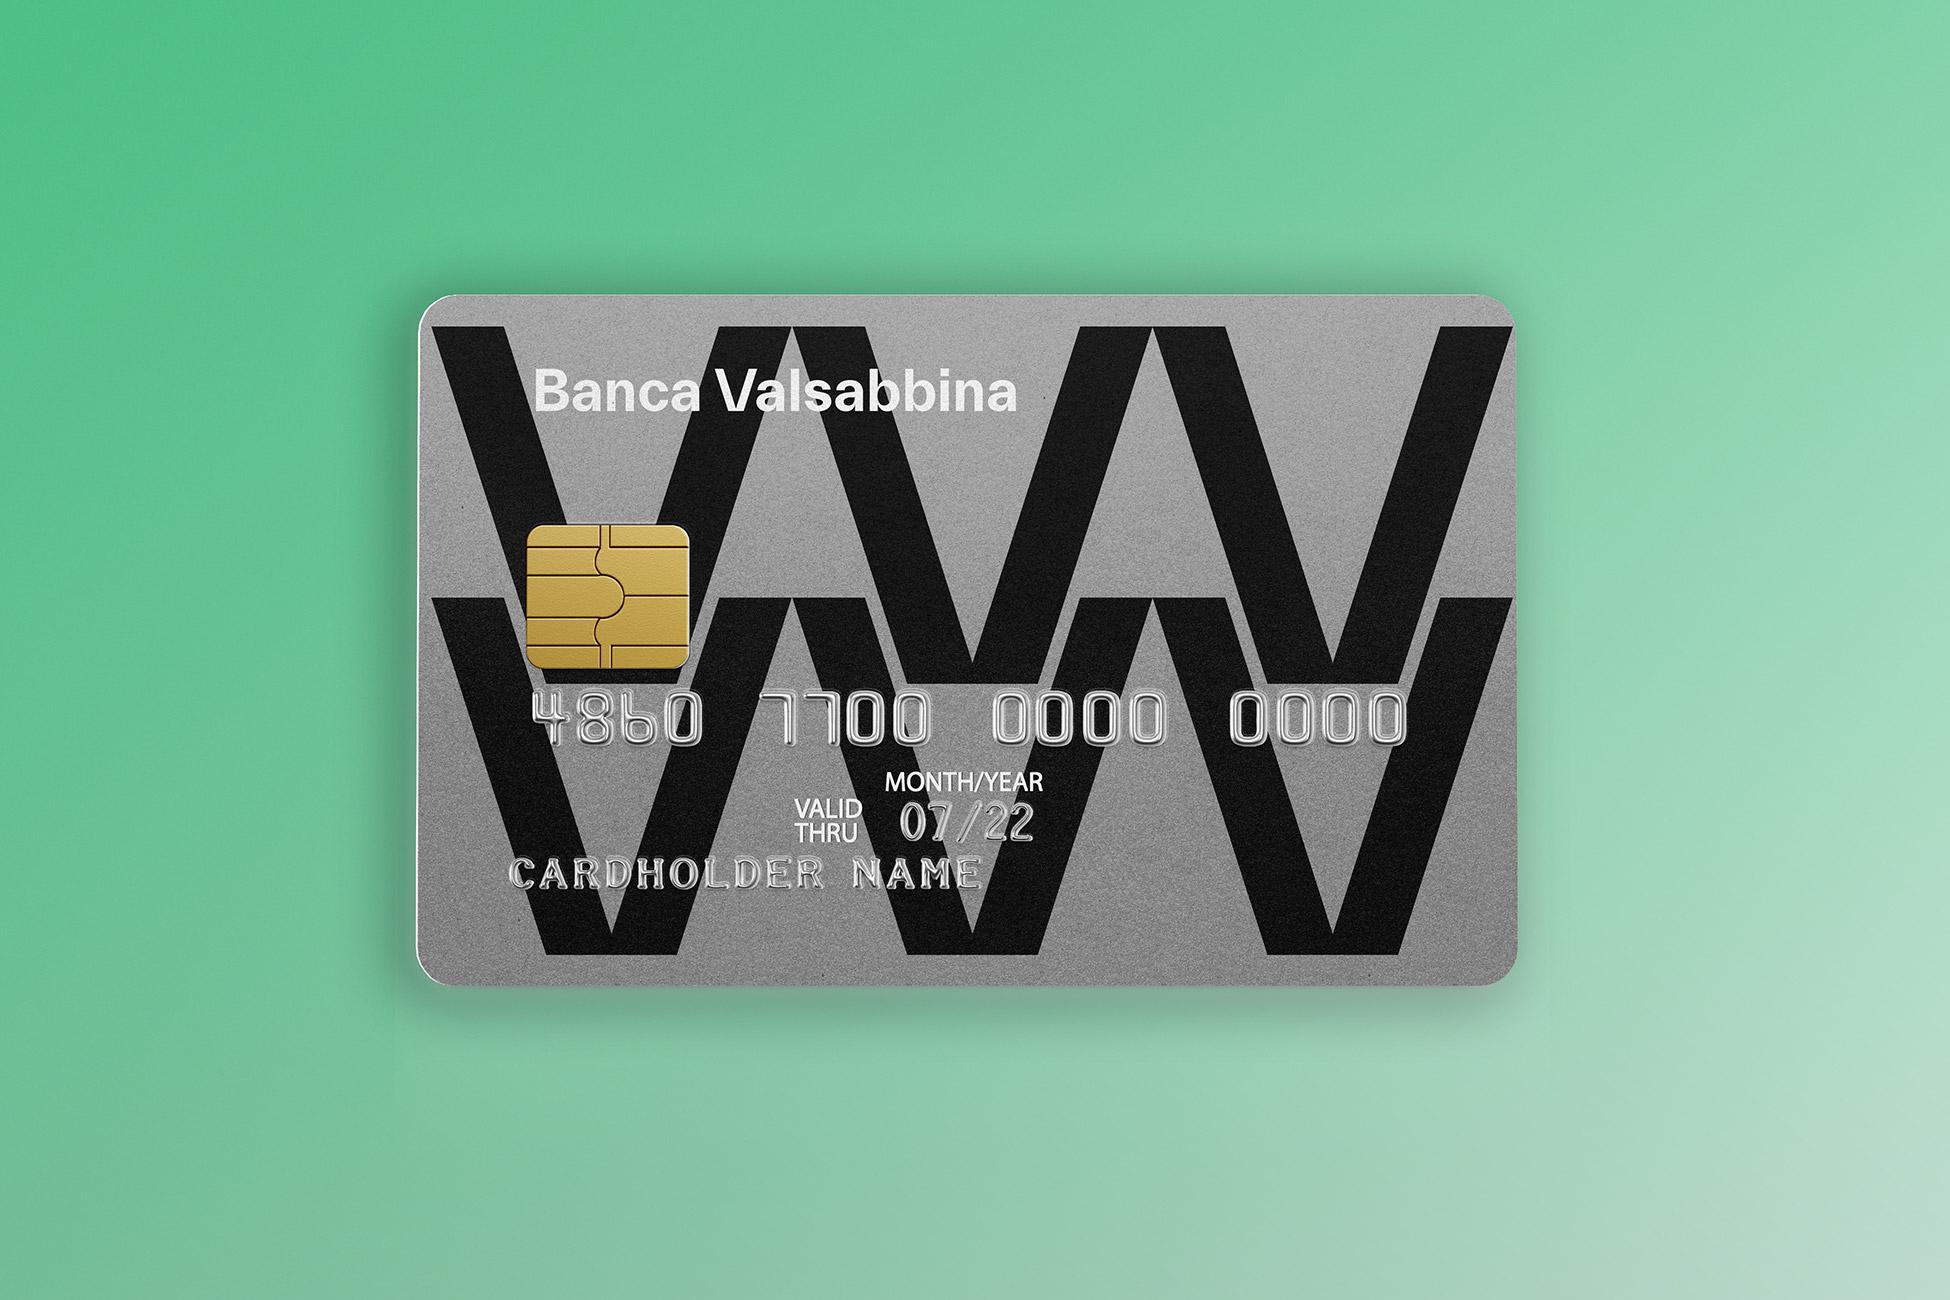 carte credito hero   Banca Valsabbina